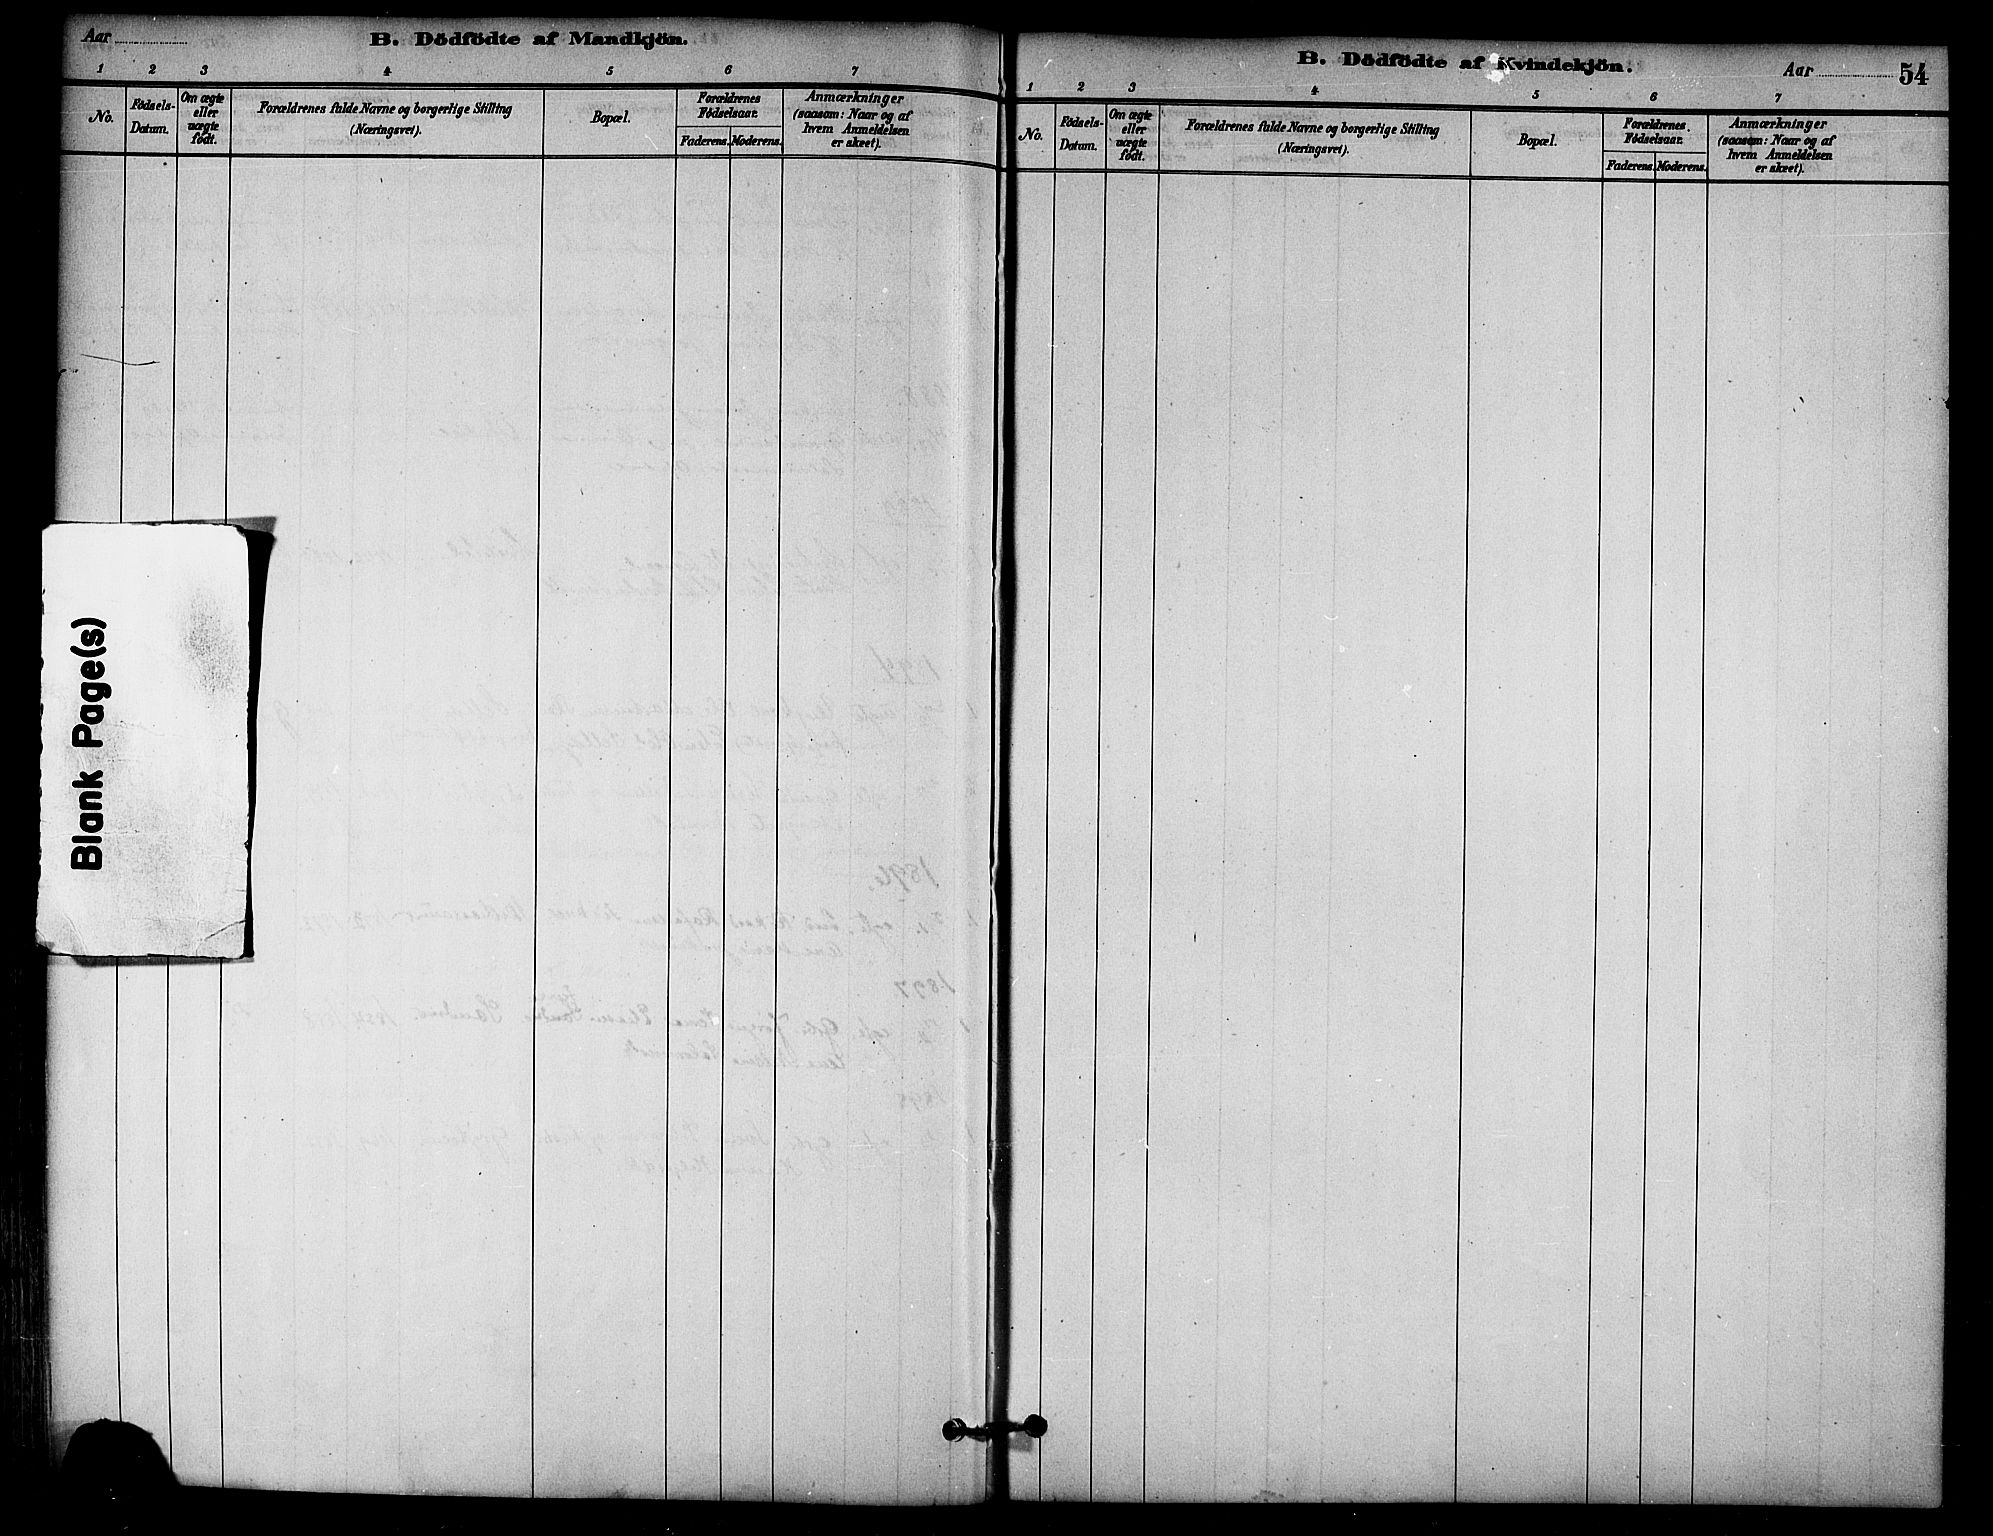 SAT, Ministerialprotokoller, klokkerbøker og fødselsregistre - Nord-Trøndelag, 766/L0563: Ministerialbok nr. 767A01, 1881-1899, s. 54